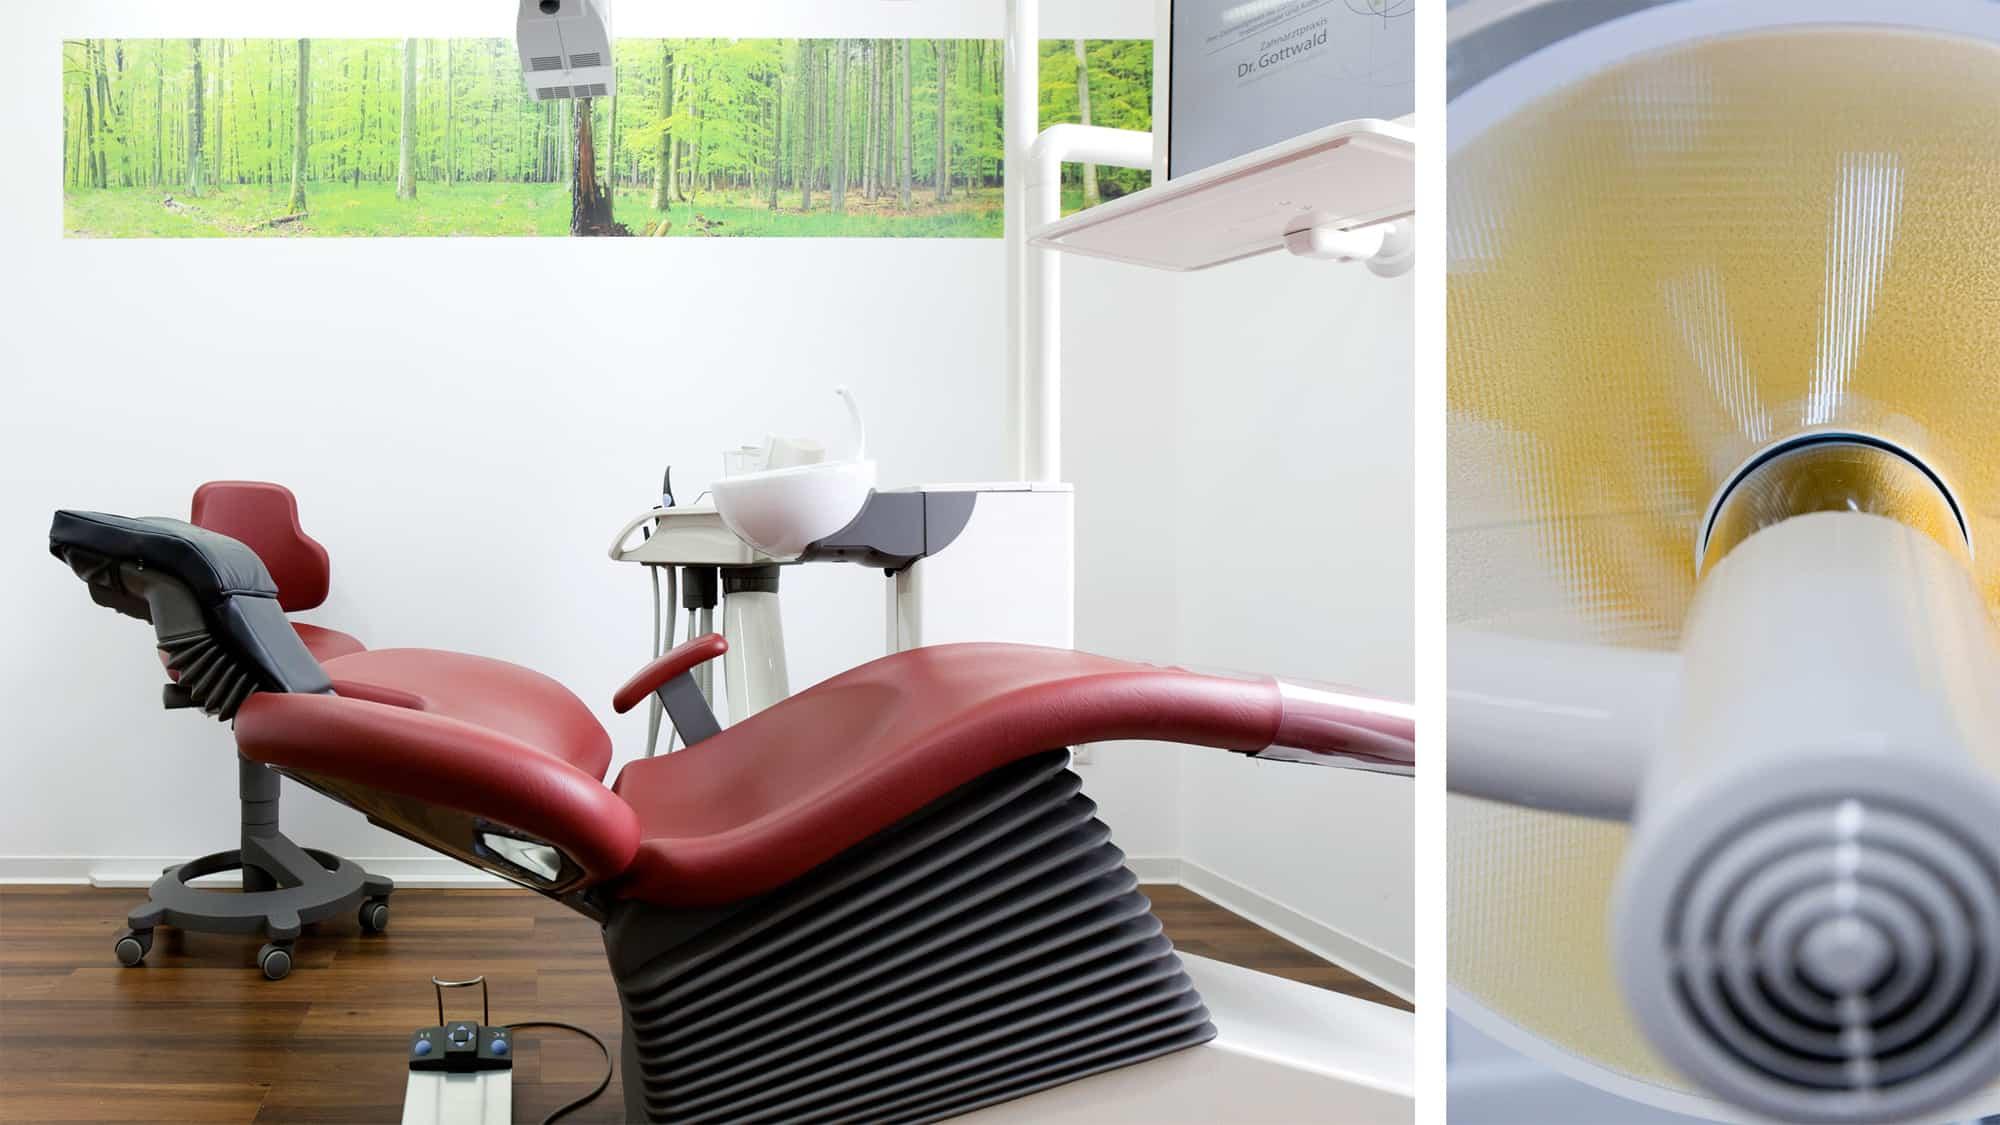 Praxisrundgang Zahnarztpraxis Dr. Gottwald in Koblenz - Behandlungszimmer 3 unserer Zahnarztpraxis Dr. Gottwald in Koblenz